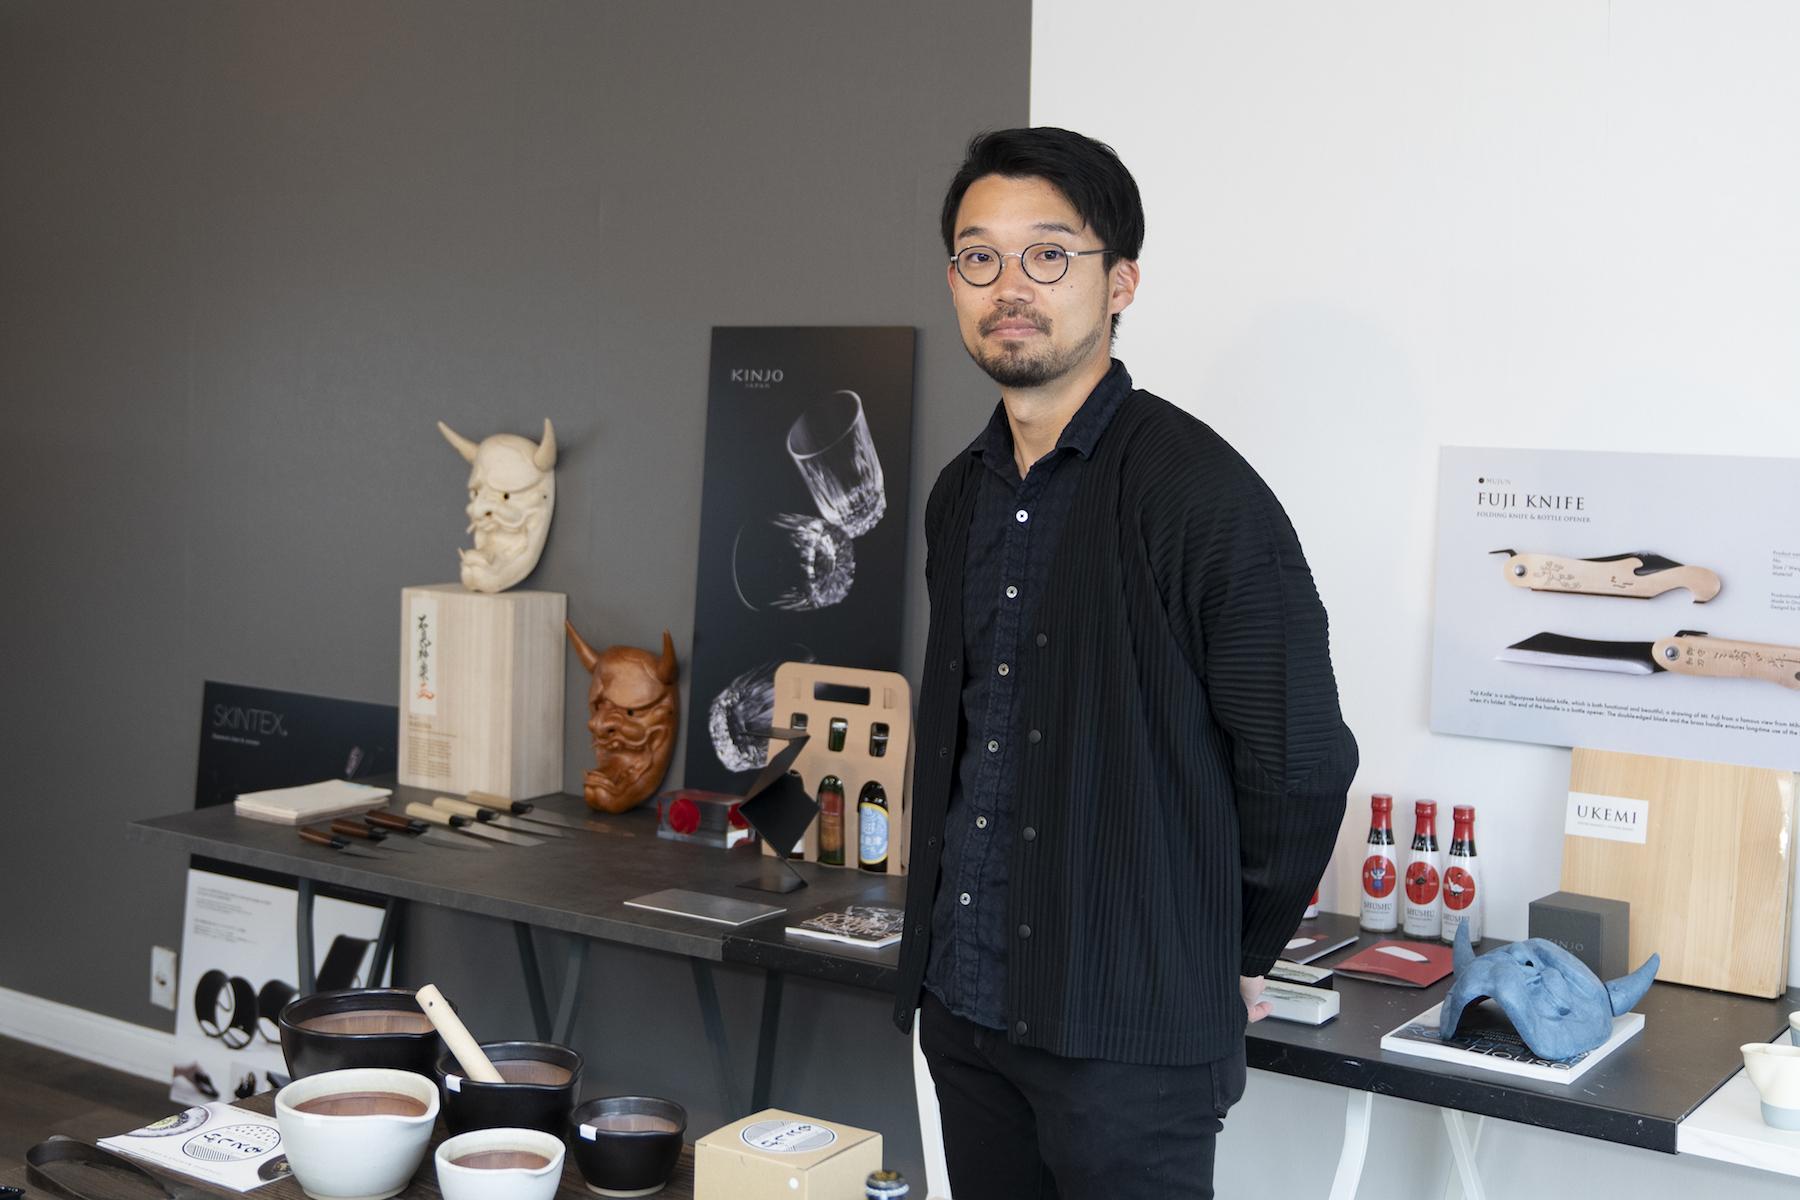 小林 新也(Shinya Kobayashi)氏 合同会社シーラカンス食堂、MUJUN 代表/ 1987年兵庫県生まれ。大阪芸術大学デザイン学科卒業。2011年にデザイン事務所の「合同会社シーラカンス食堂」を生まれ育った兵庫県小野市に設立。2016年「MUJUN」を設立し、優れた地場産品を国内外に向けて発信し、販売している。2018年、播州刃物の継承者を養成するための工場、「MUJUN  WORK SHOP」を開設し、熟練の刃物職人の技術習得とともに新しい商品開発を試みながら、地場産業の持続可能な仕組みづくりを模索している。また、現在、島根県石見地方に、里山暮らしのものづくり村を構想中。